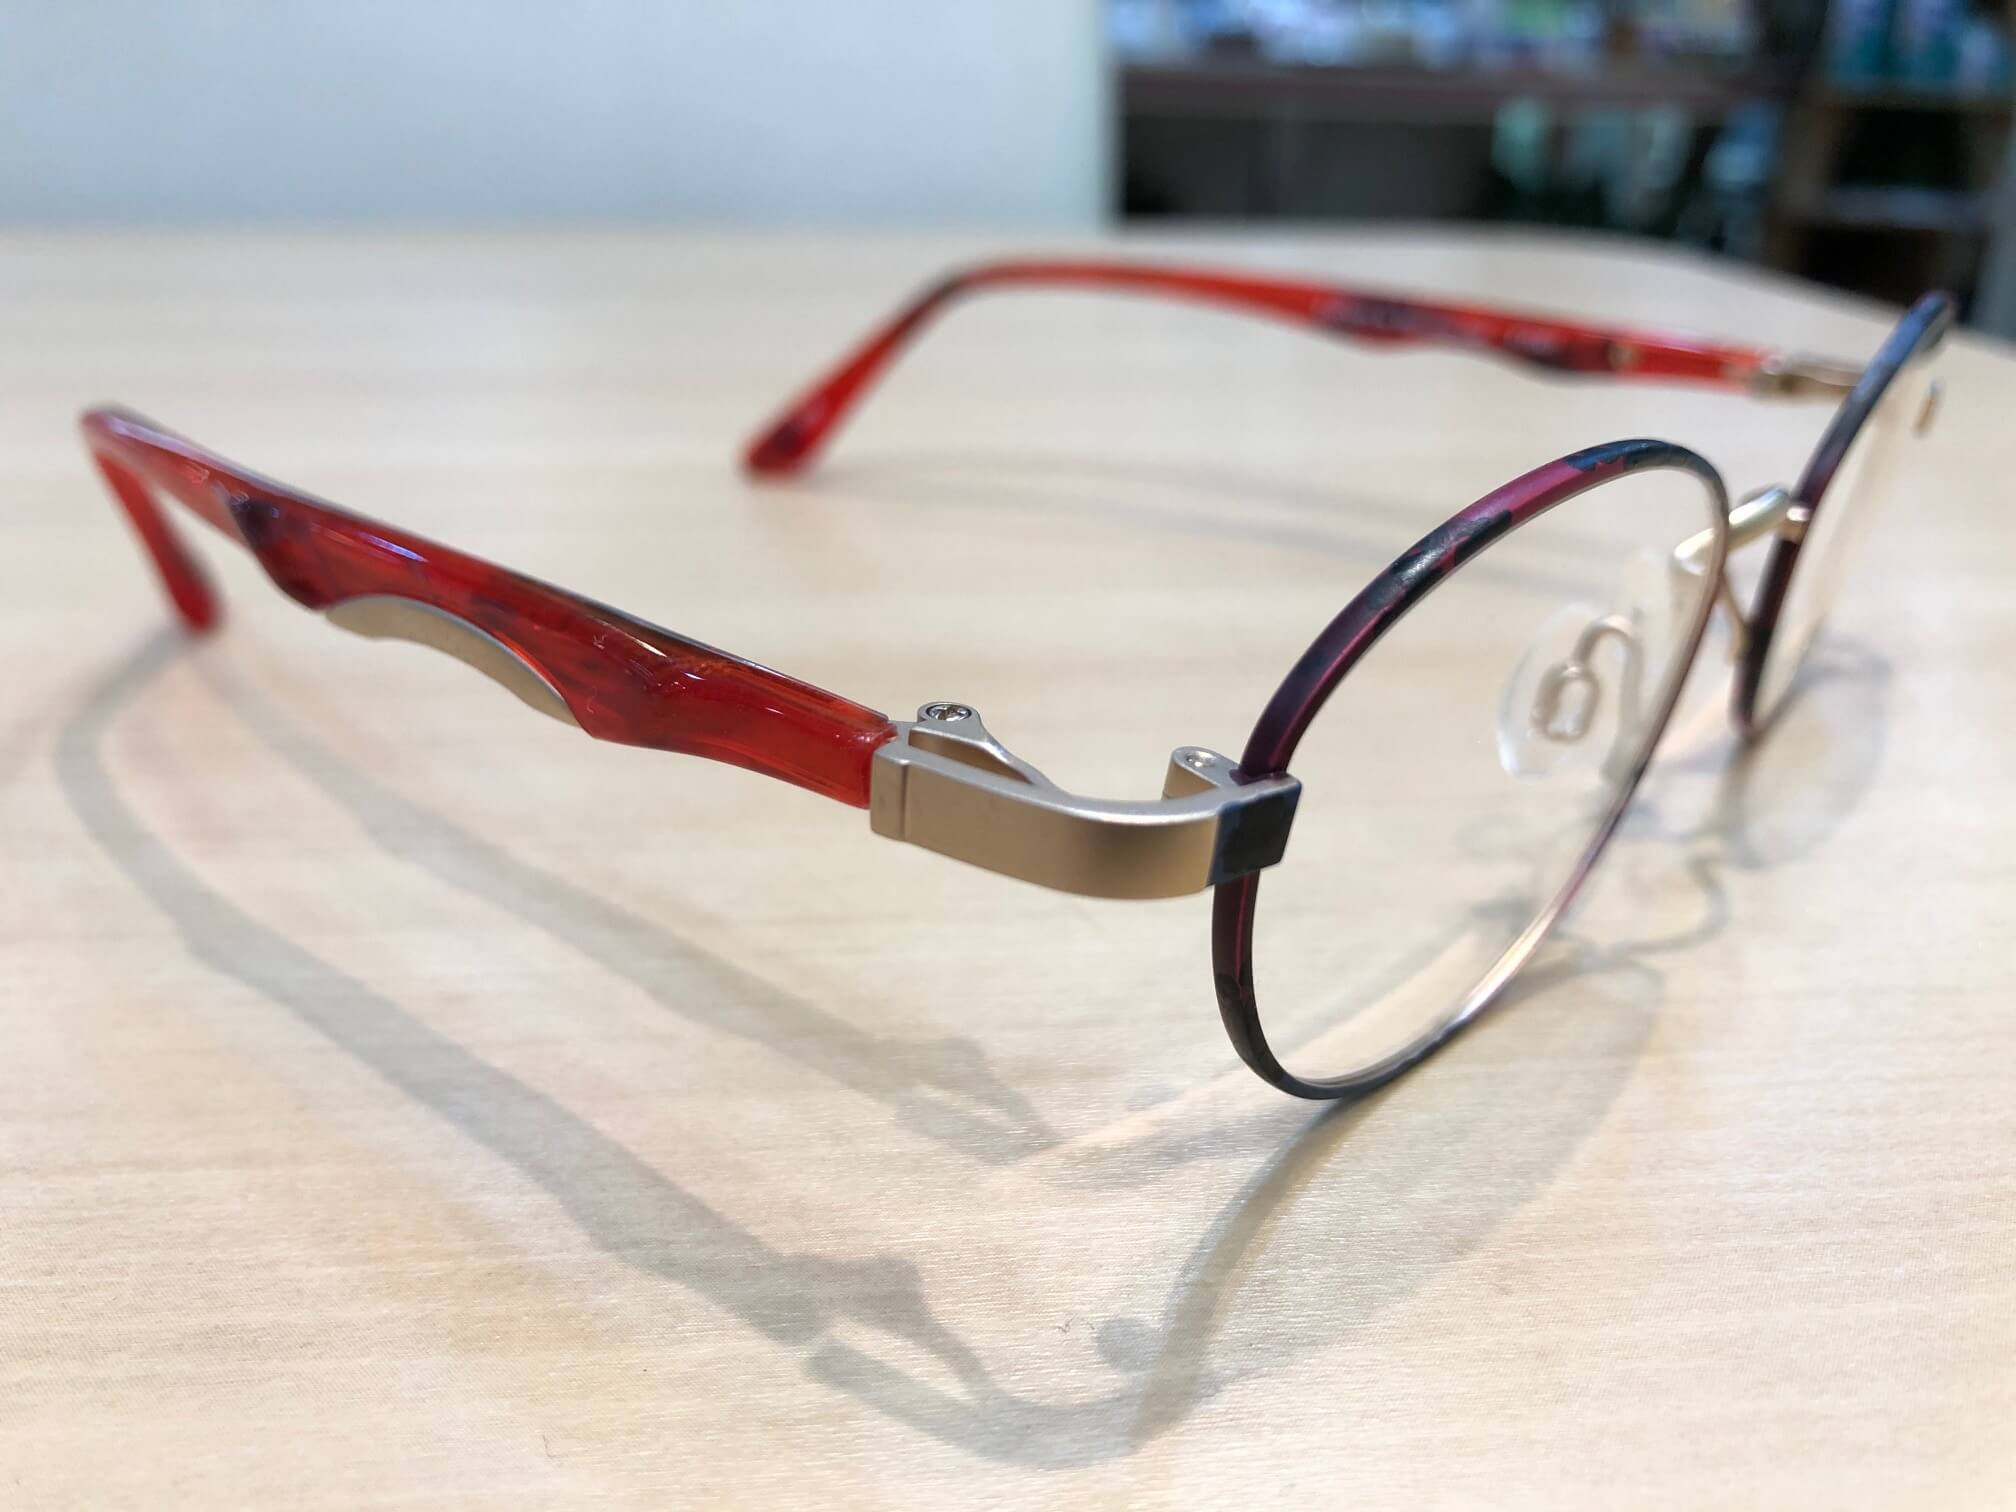 ファルベン 品番:F7061 カラー:672G レンズサイズ:48ミリ